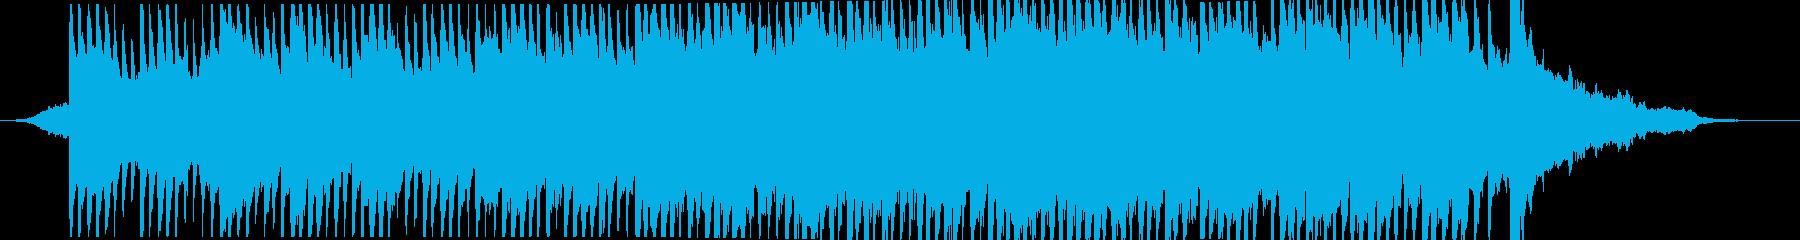 クラシック交響曲 あたたかい 幸せ...の再生済みの波形